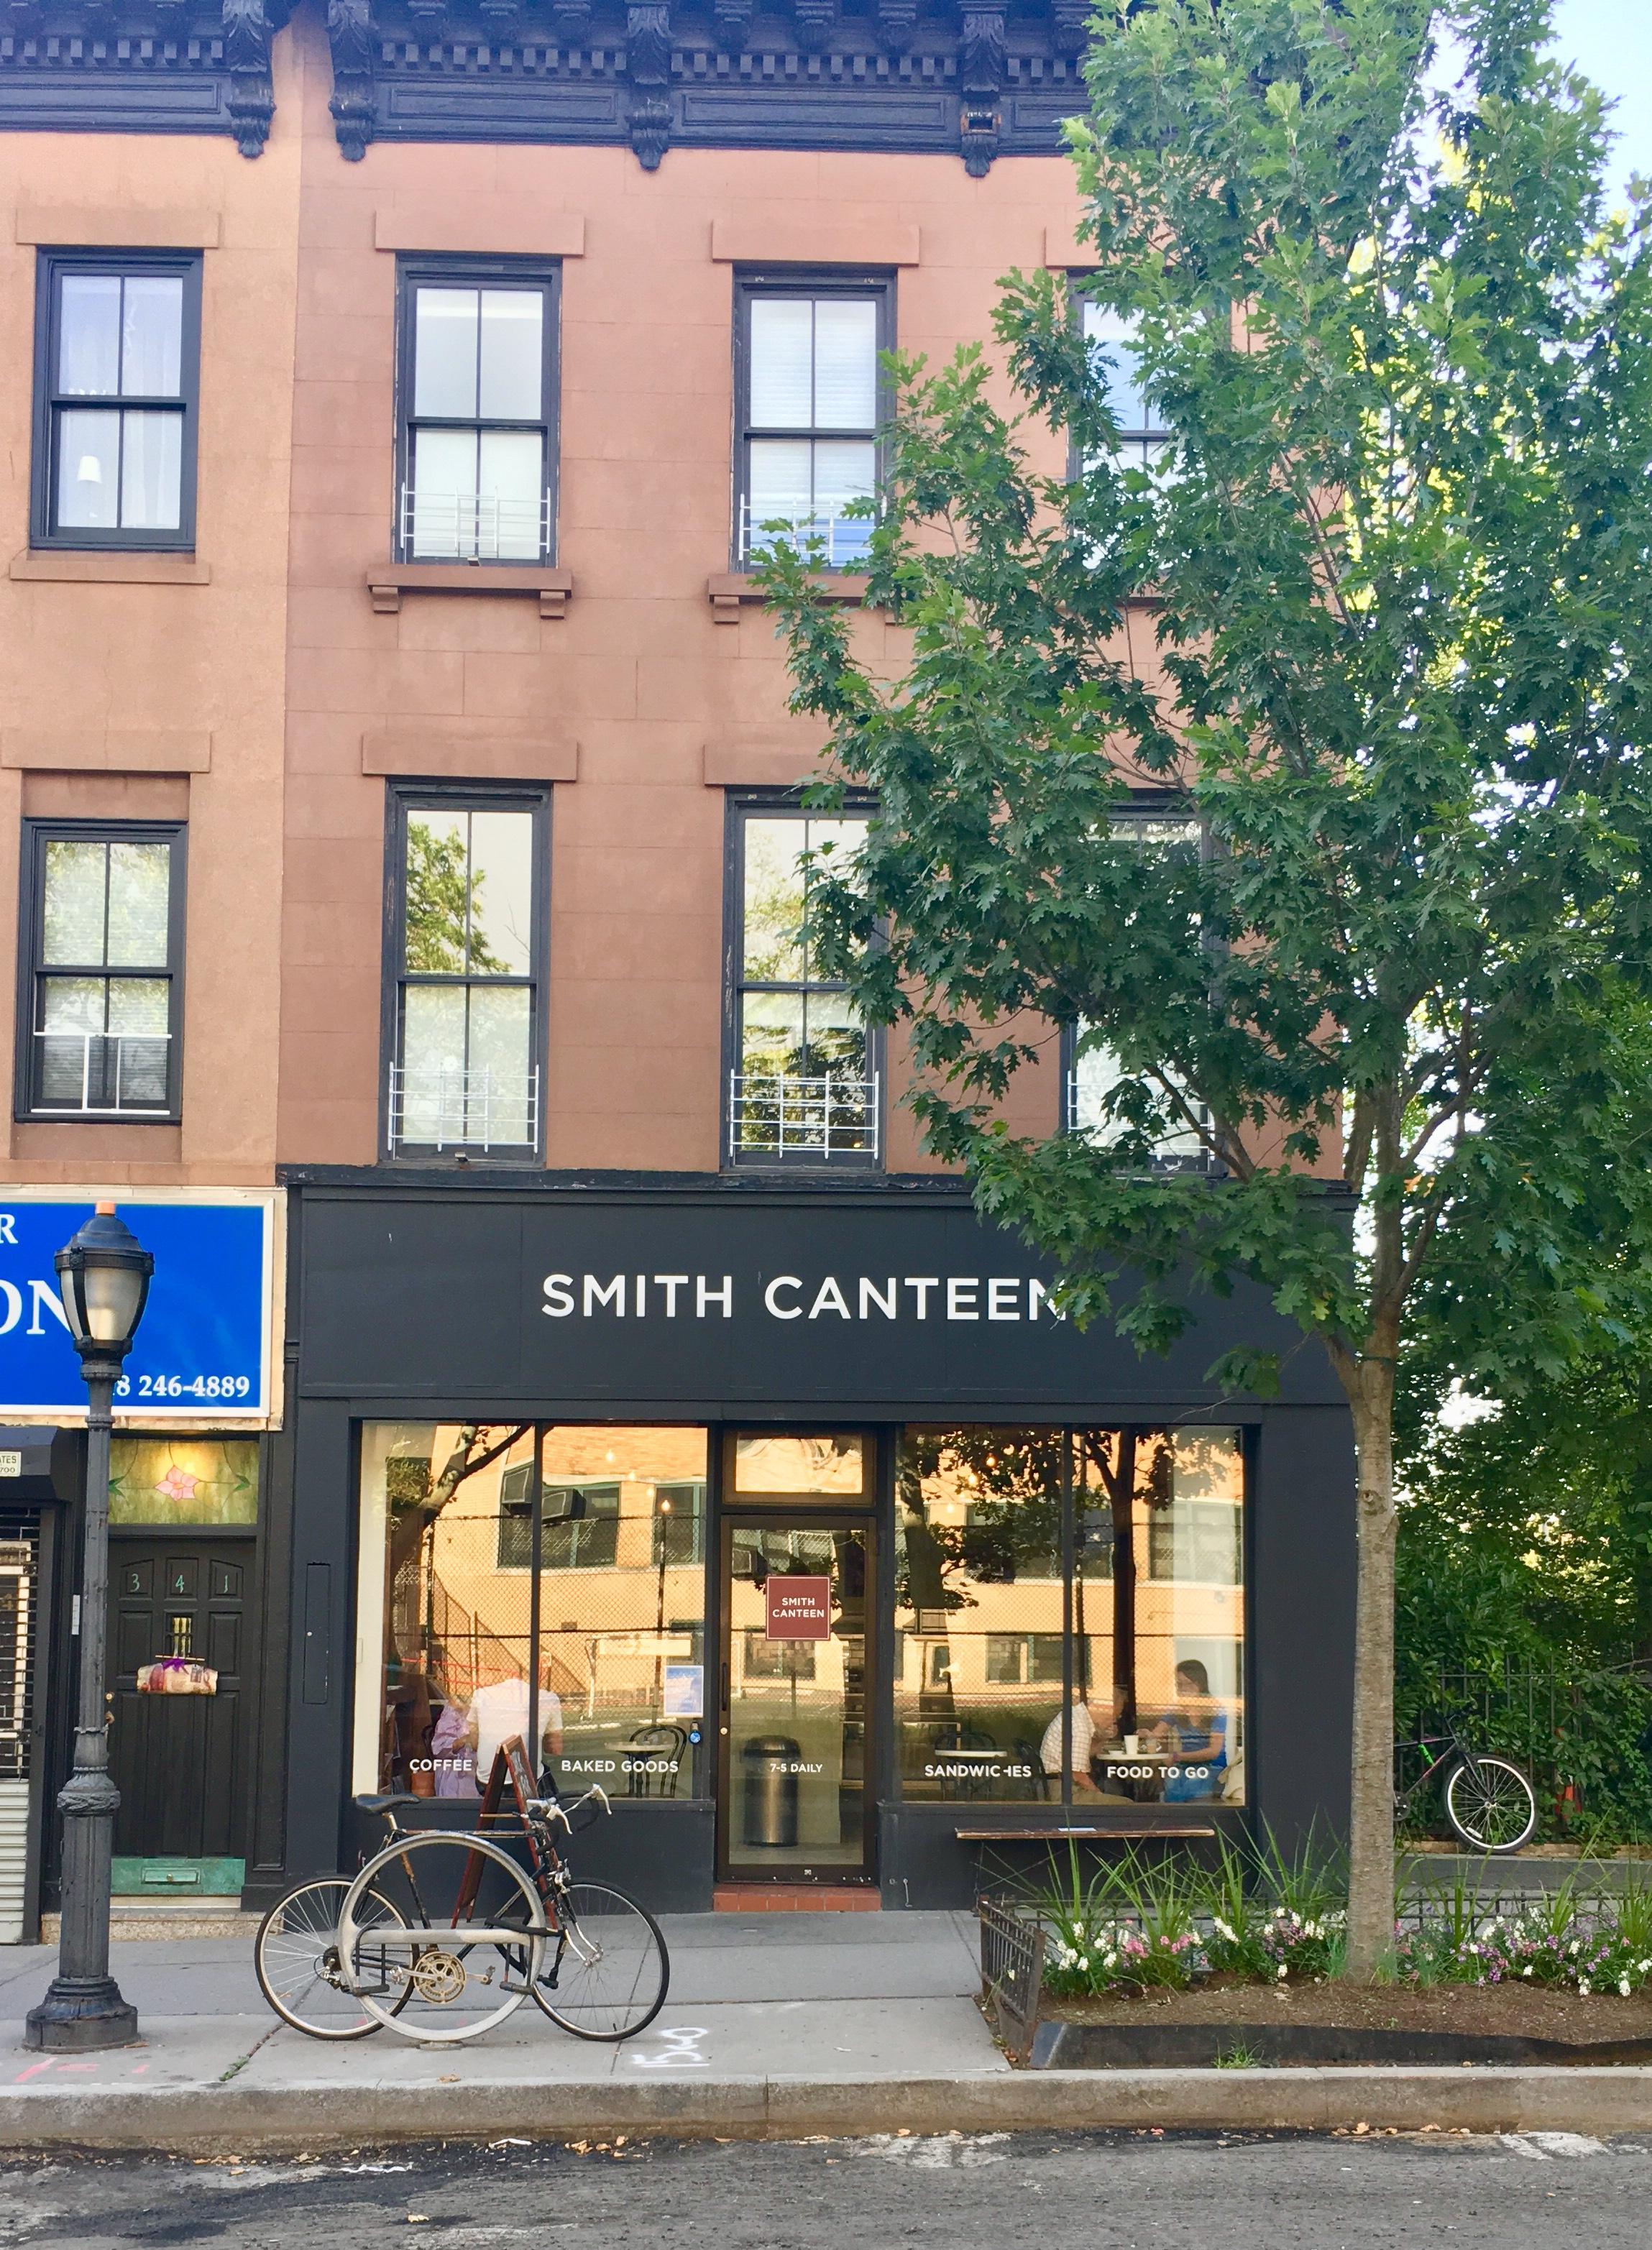 Smith Canteen Exterior.jpg